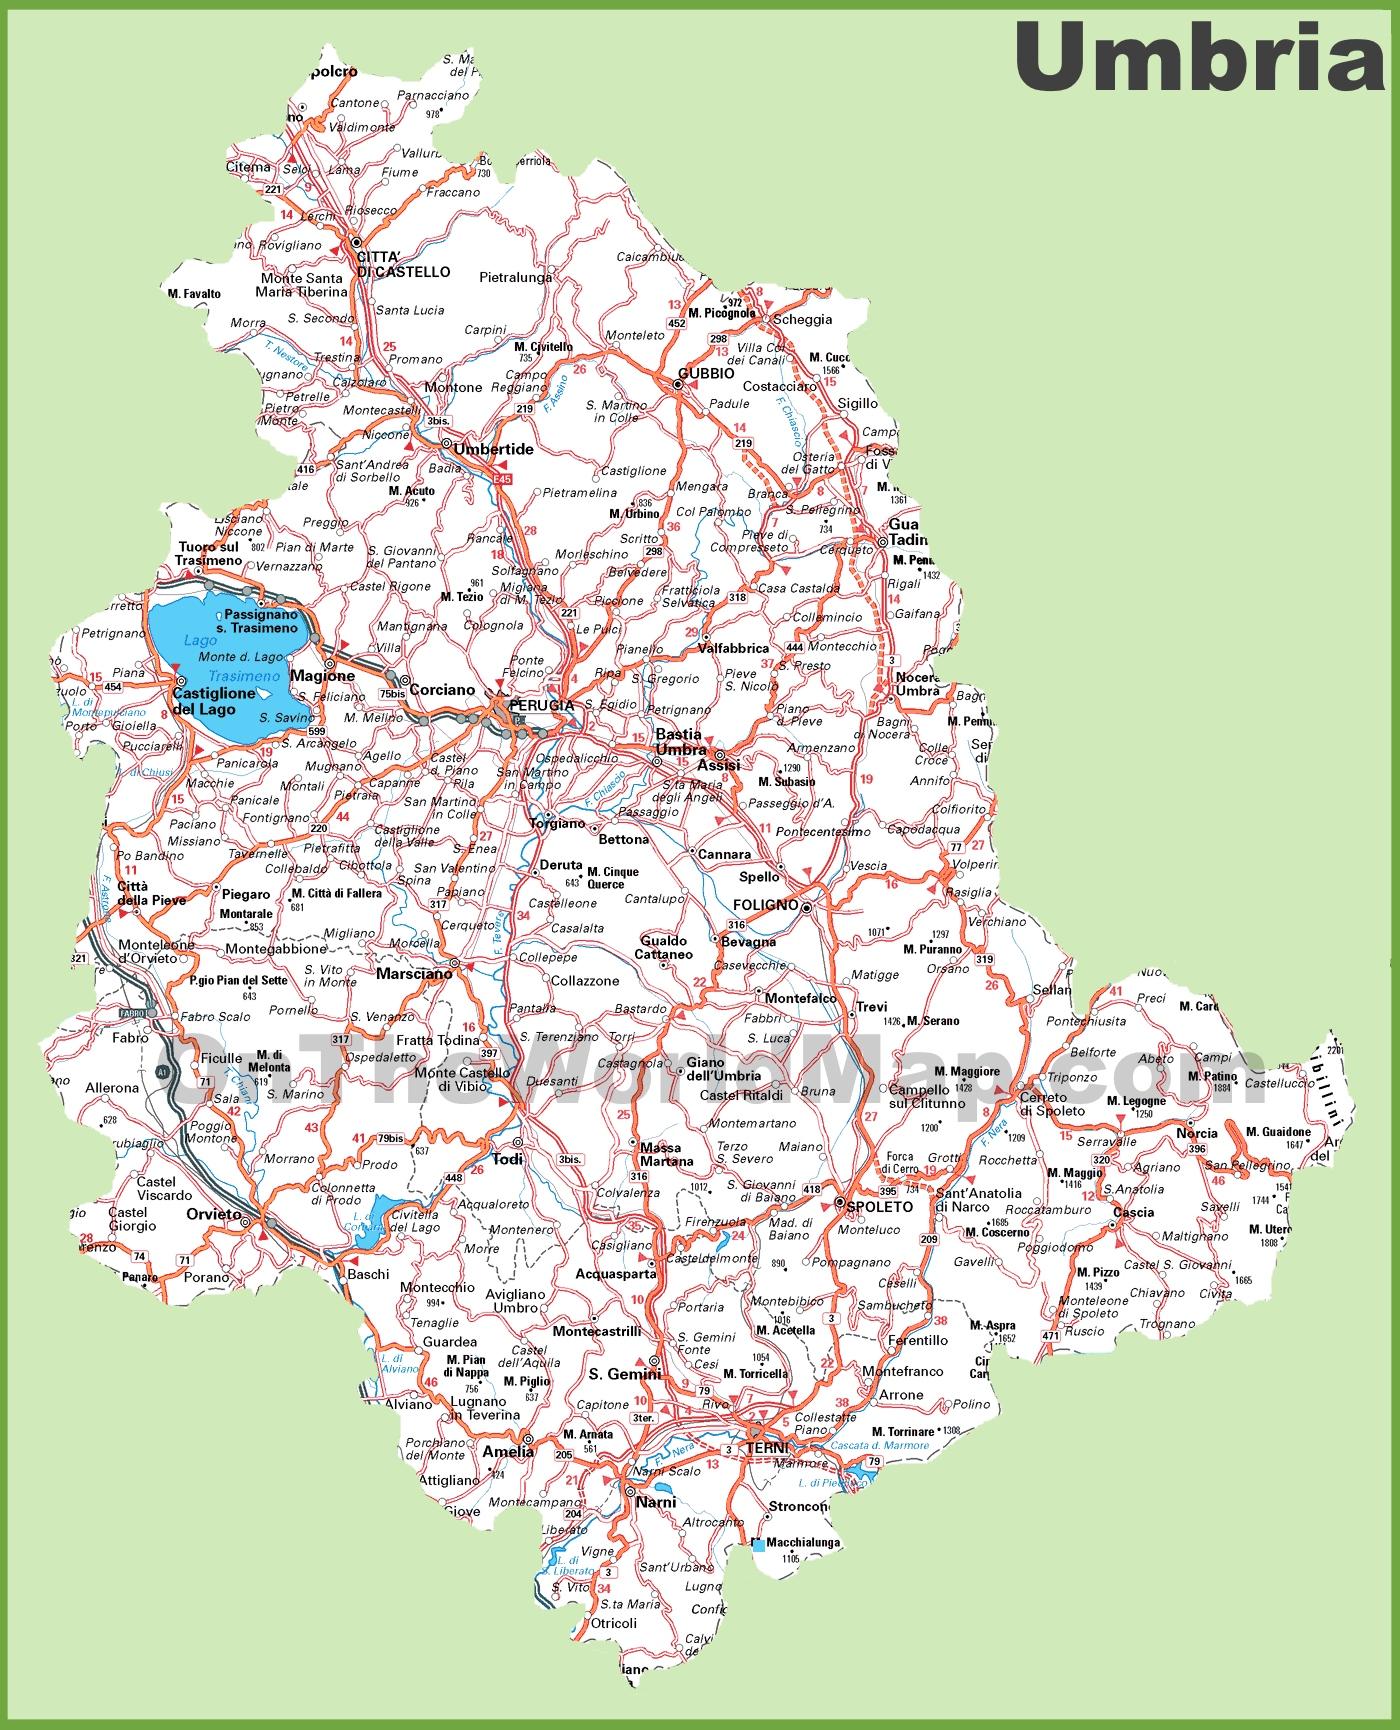 Umbria Cartina Italia.Grande Mappa Dettagliata Di Umbria Con Citta